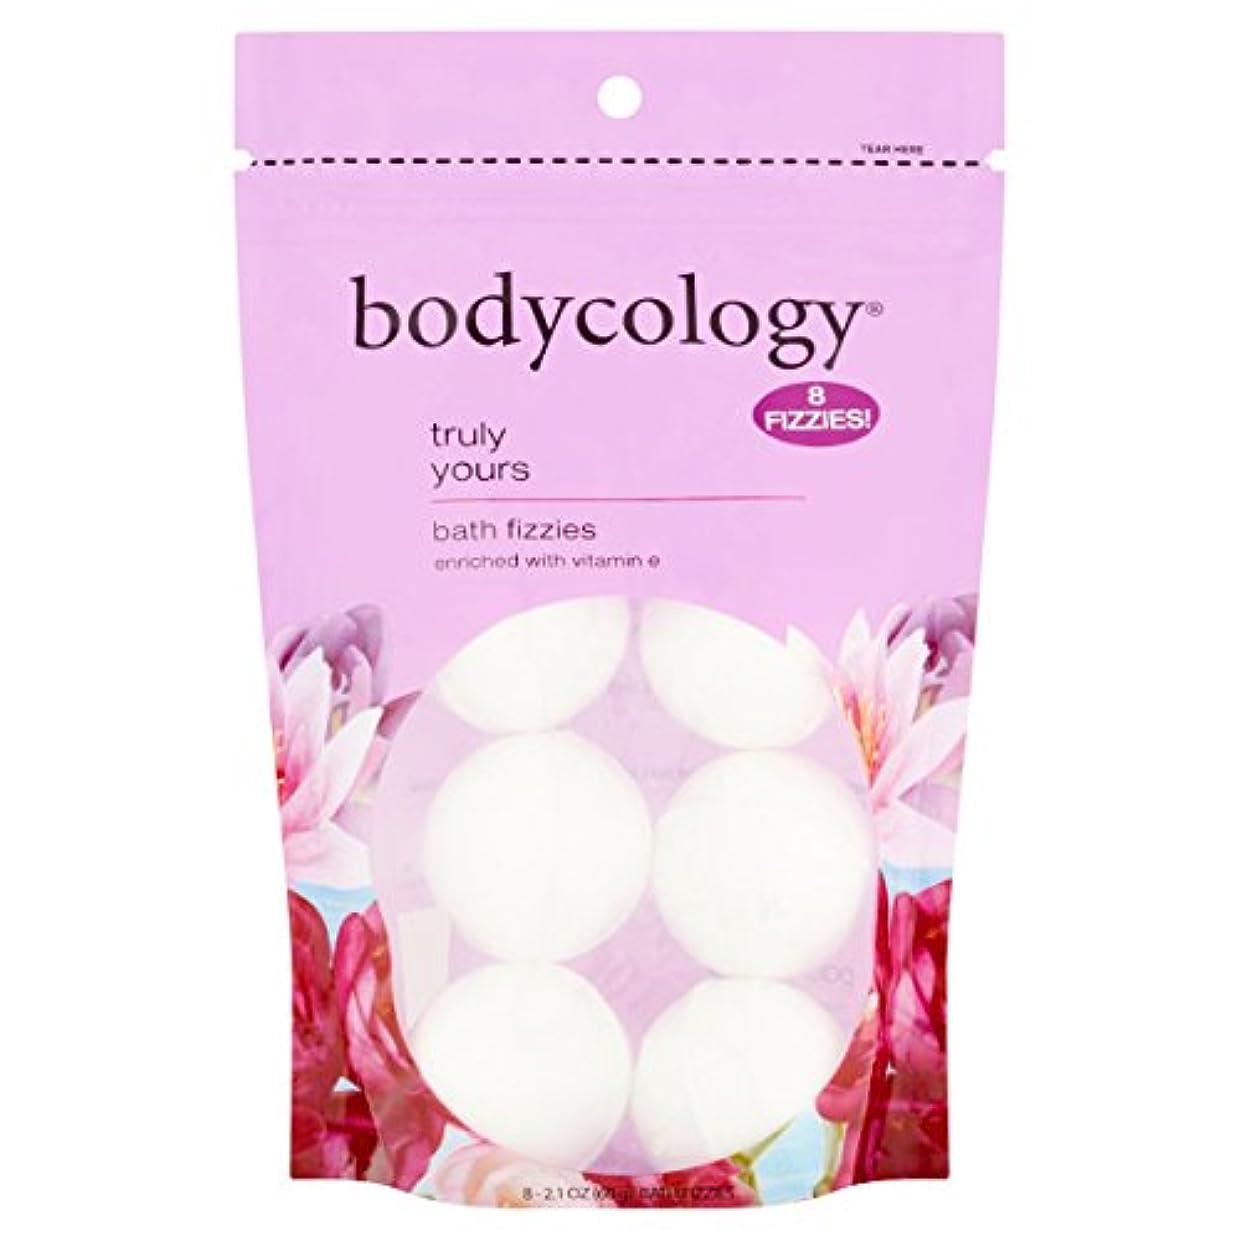 鼓舞するトラブル苦しめるBodycology 敬具バースFizzies爆弾8から2.1オズボールを浸し